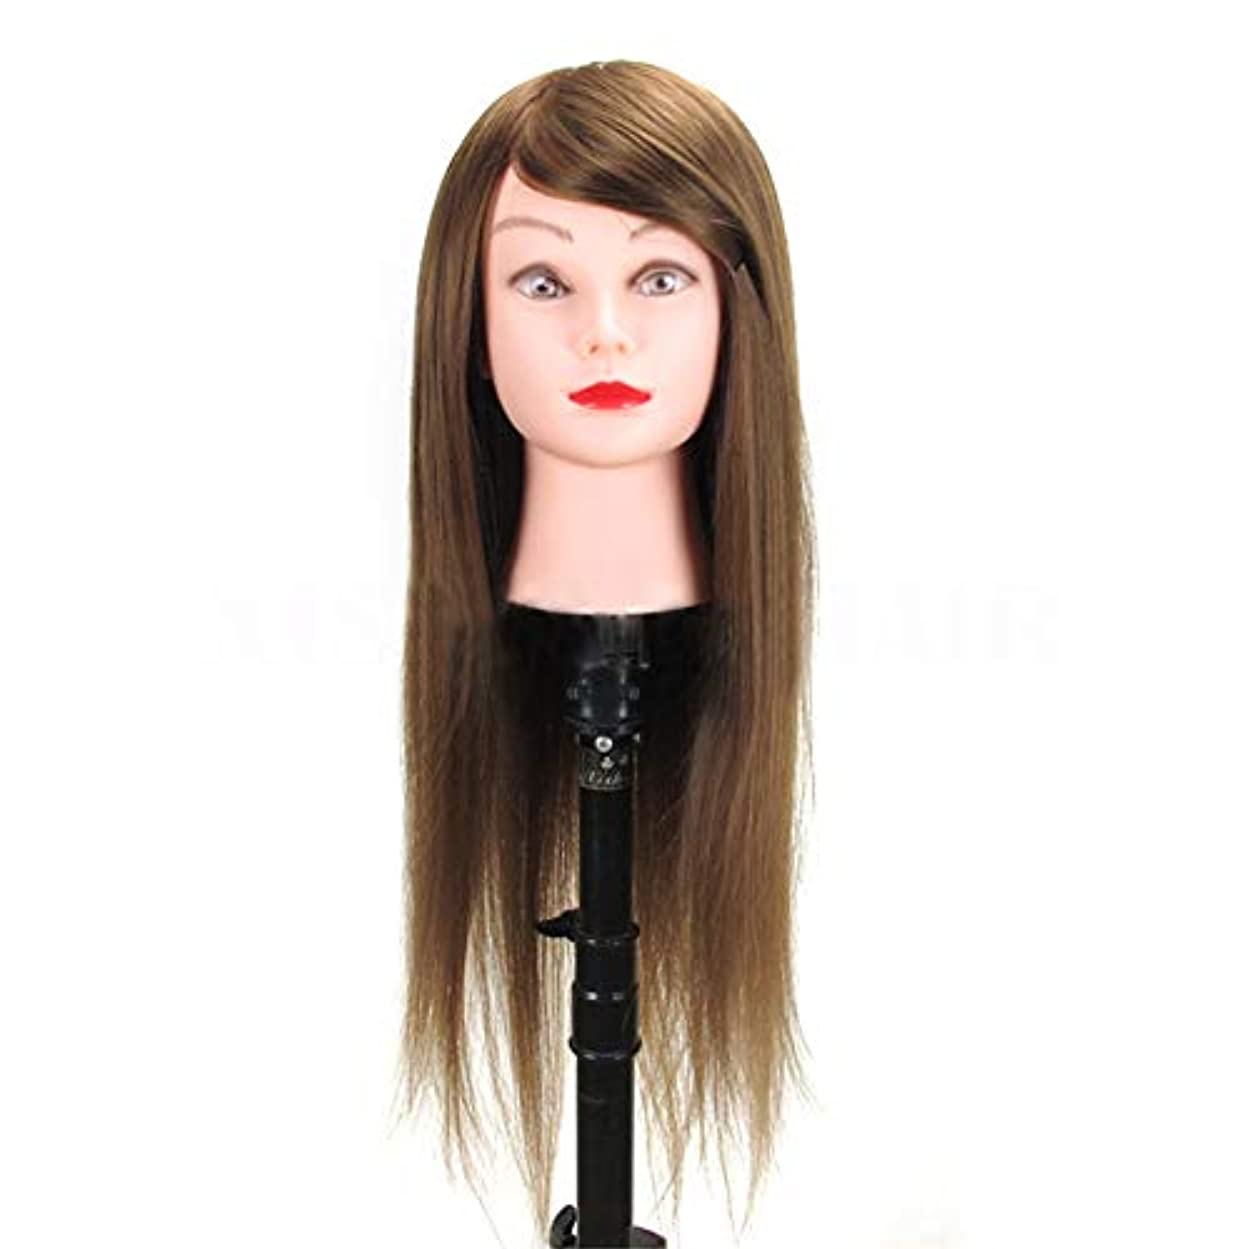 変動するきつく漁師高温シルク編組ヘアスタイリングヘッドモデル理髪店理髪ダミーヘッド化粧練習マネキンヘッド